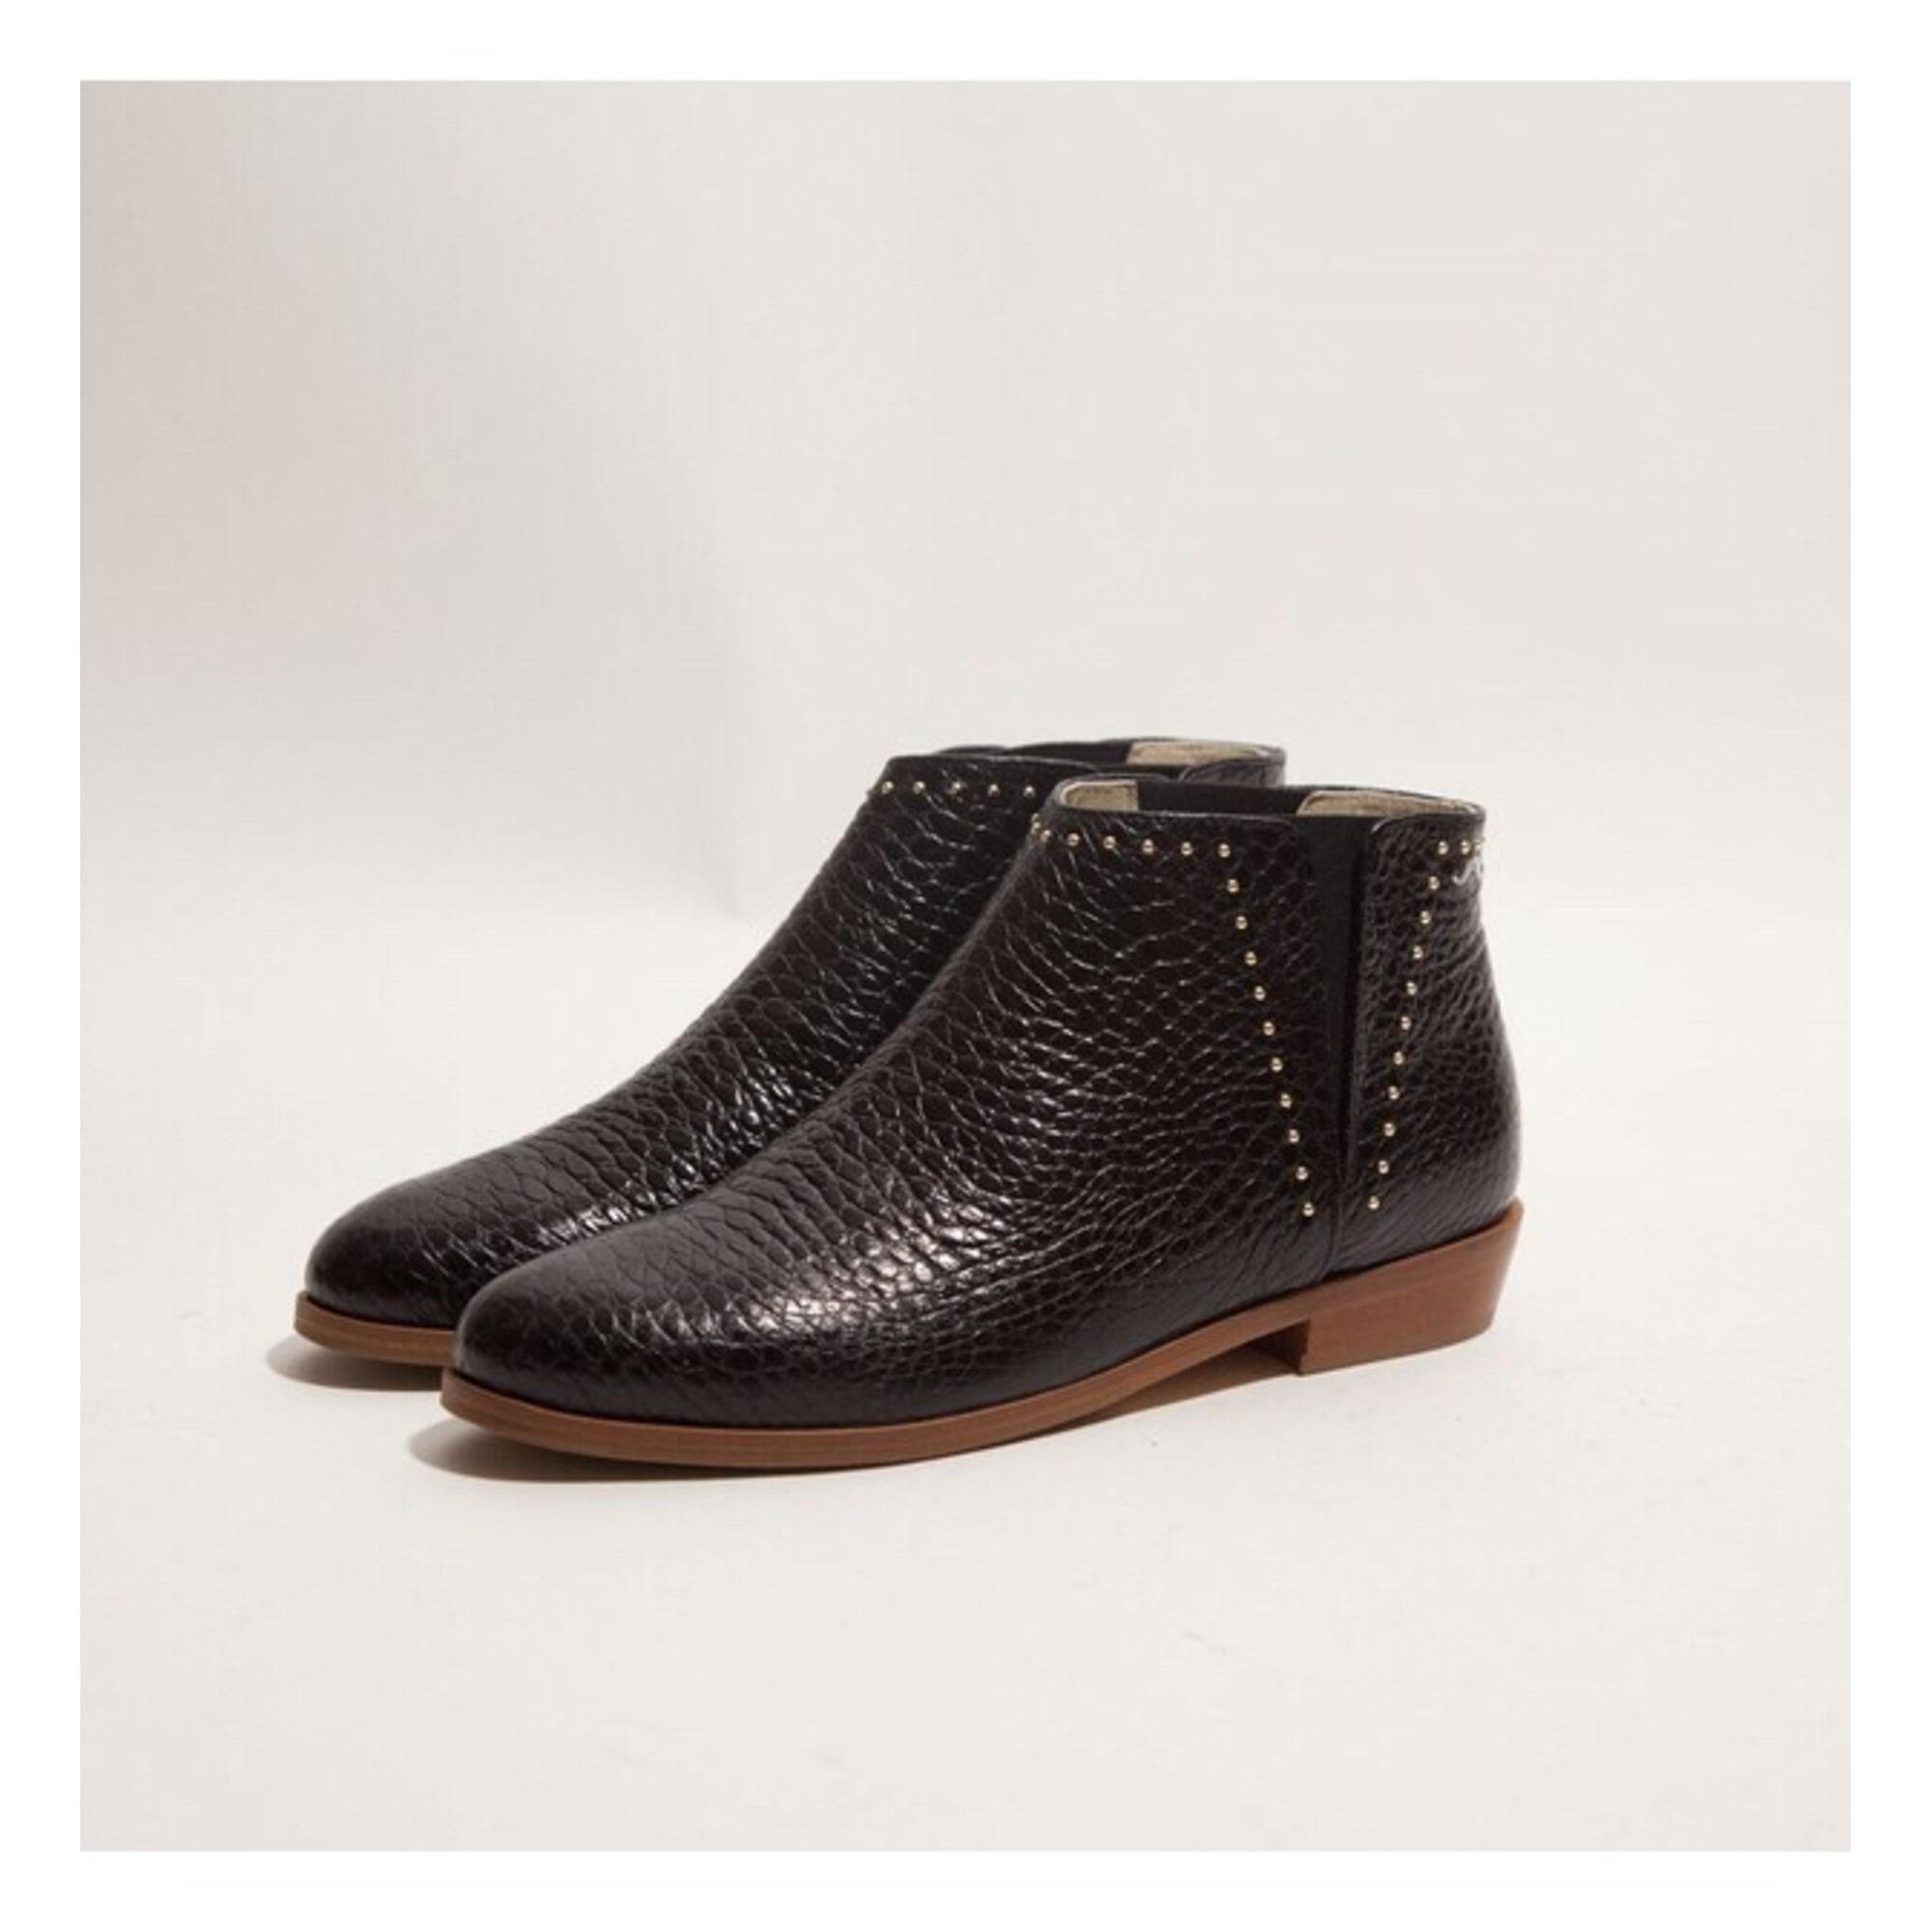 1b68543a2fd Bottines   low boots plates M. MOUSTACHE 39 noir - 8136581